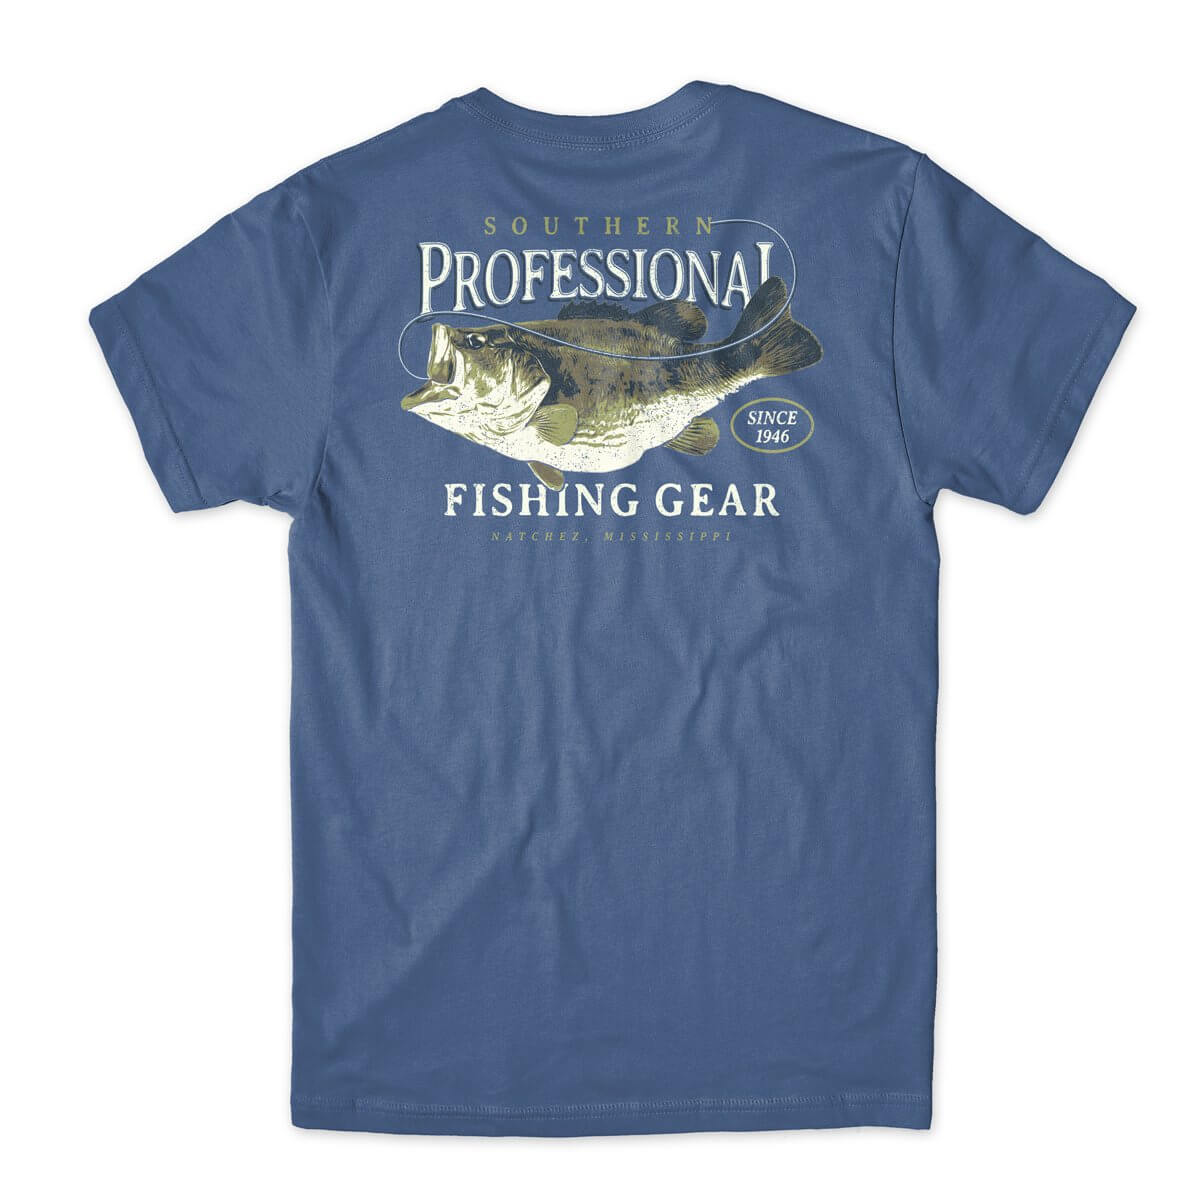 SoPro Gear Hooked Bass t-shirt design